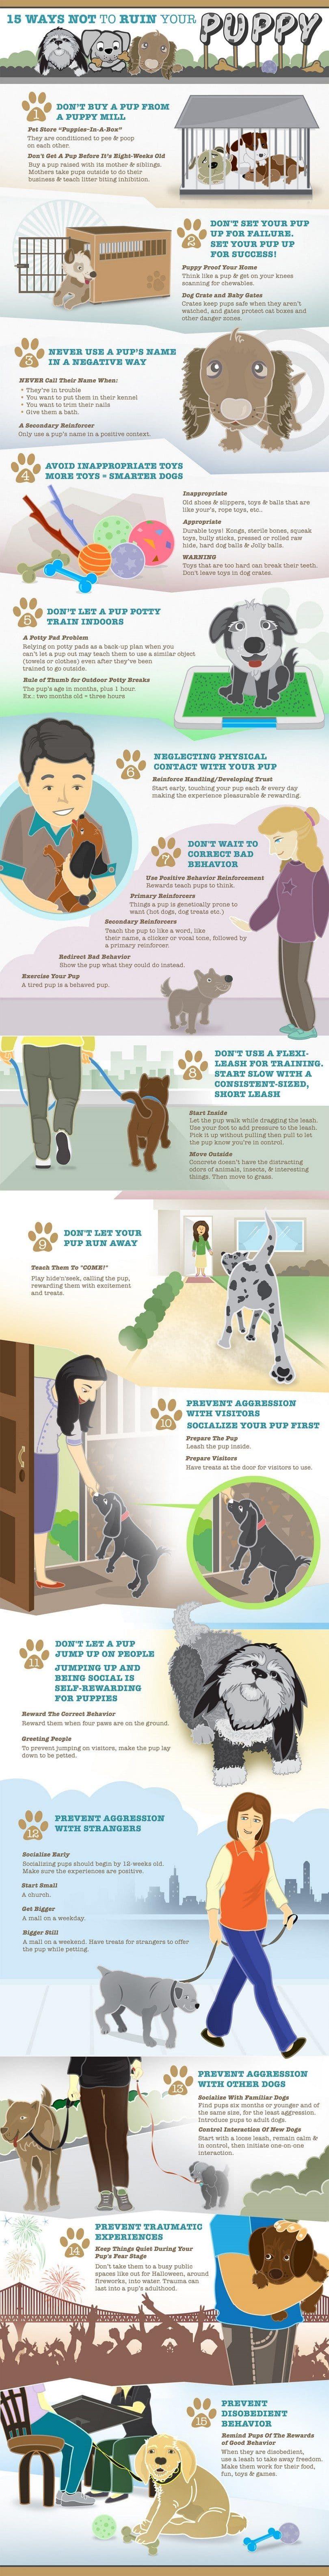 Cachorro infografía formación